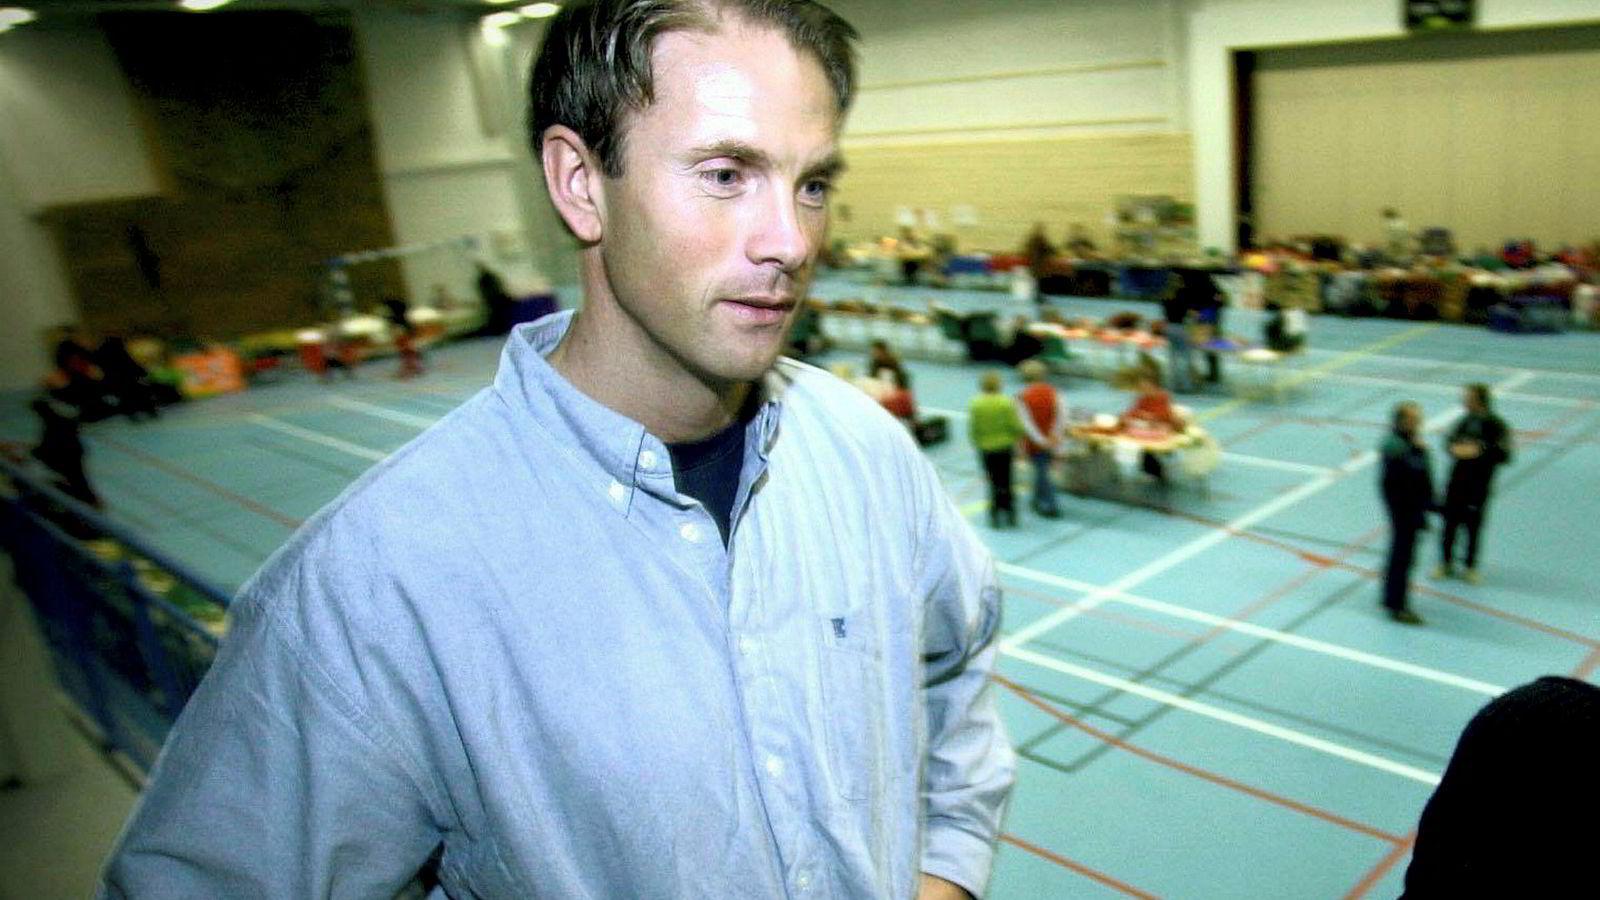 Rune Haugans heleide selskap Themar Holding as tjente i fjor rundt 59 millioner kroner på salget av selskapet Heimta Fokus as. Hagan har ikke gjort seg tilgjengelig for nye bilder. Dette bildet ble tatt i forbindelse med en julemesse i Hvalerhallen på Asmaløy i desember 2000.